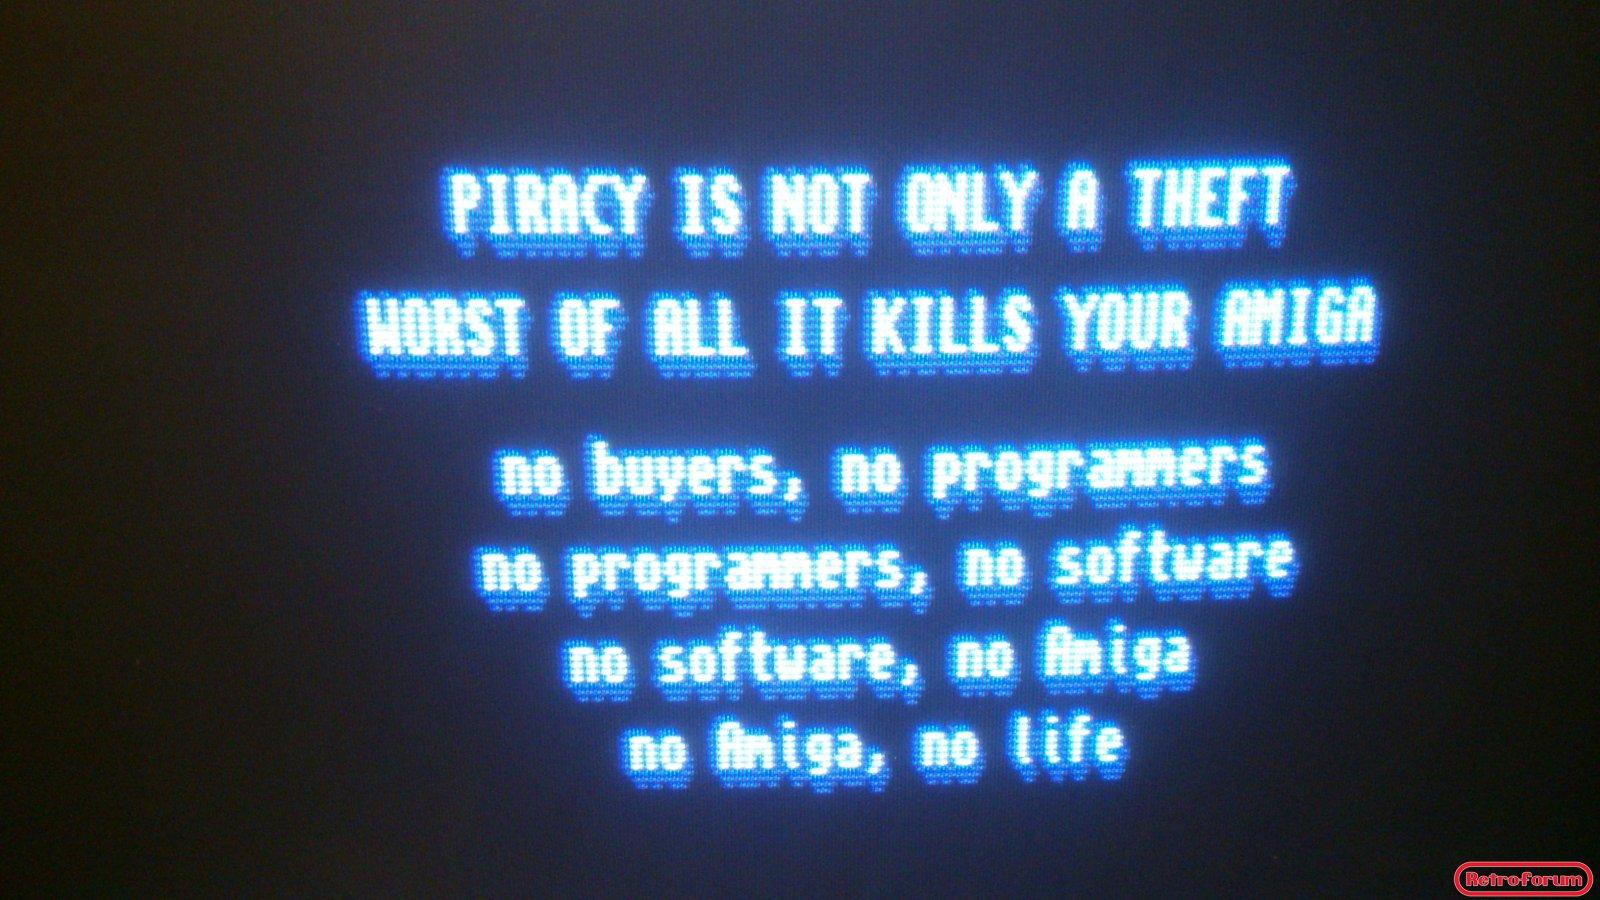 no Amiga, no life